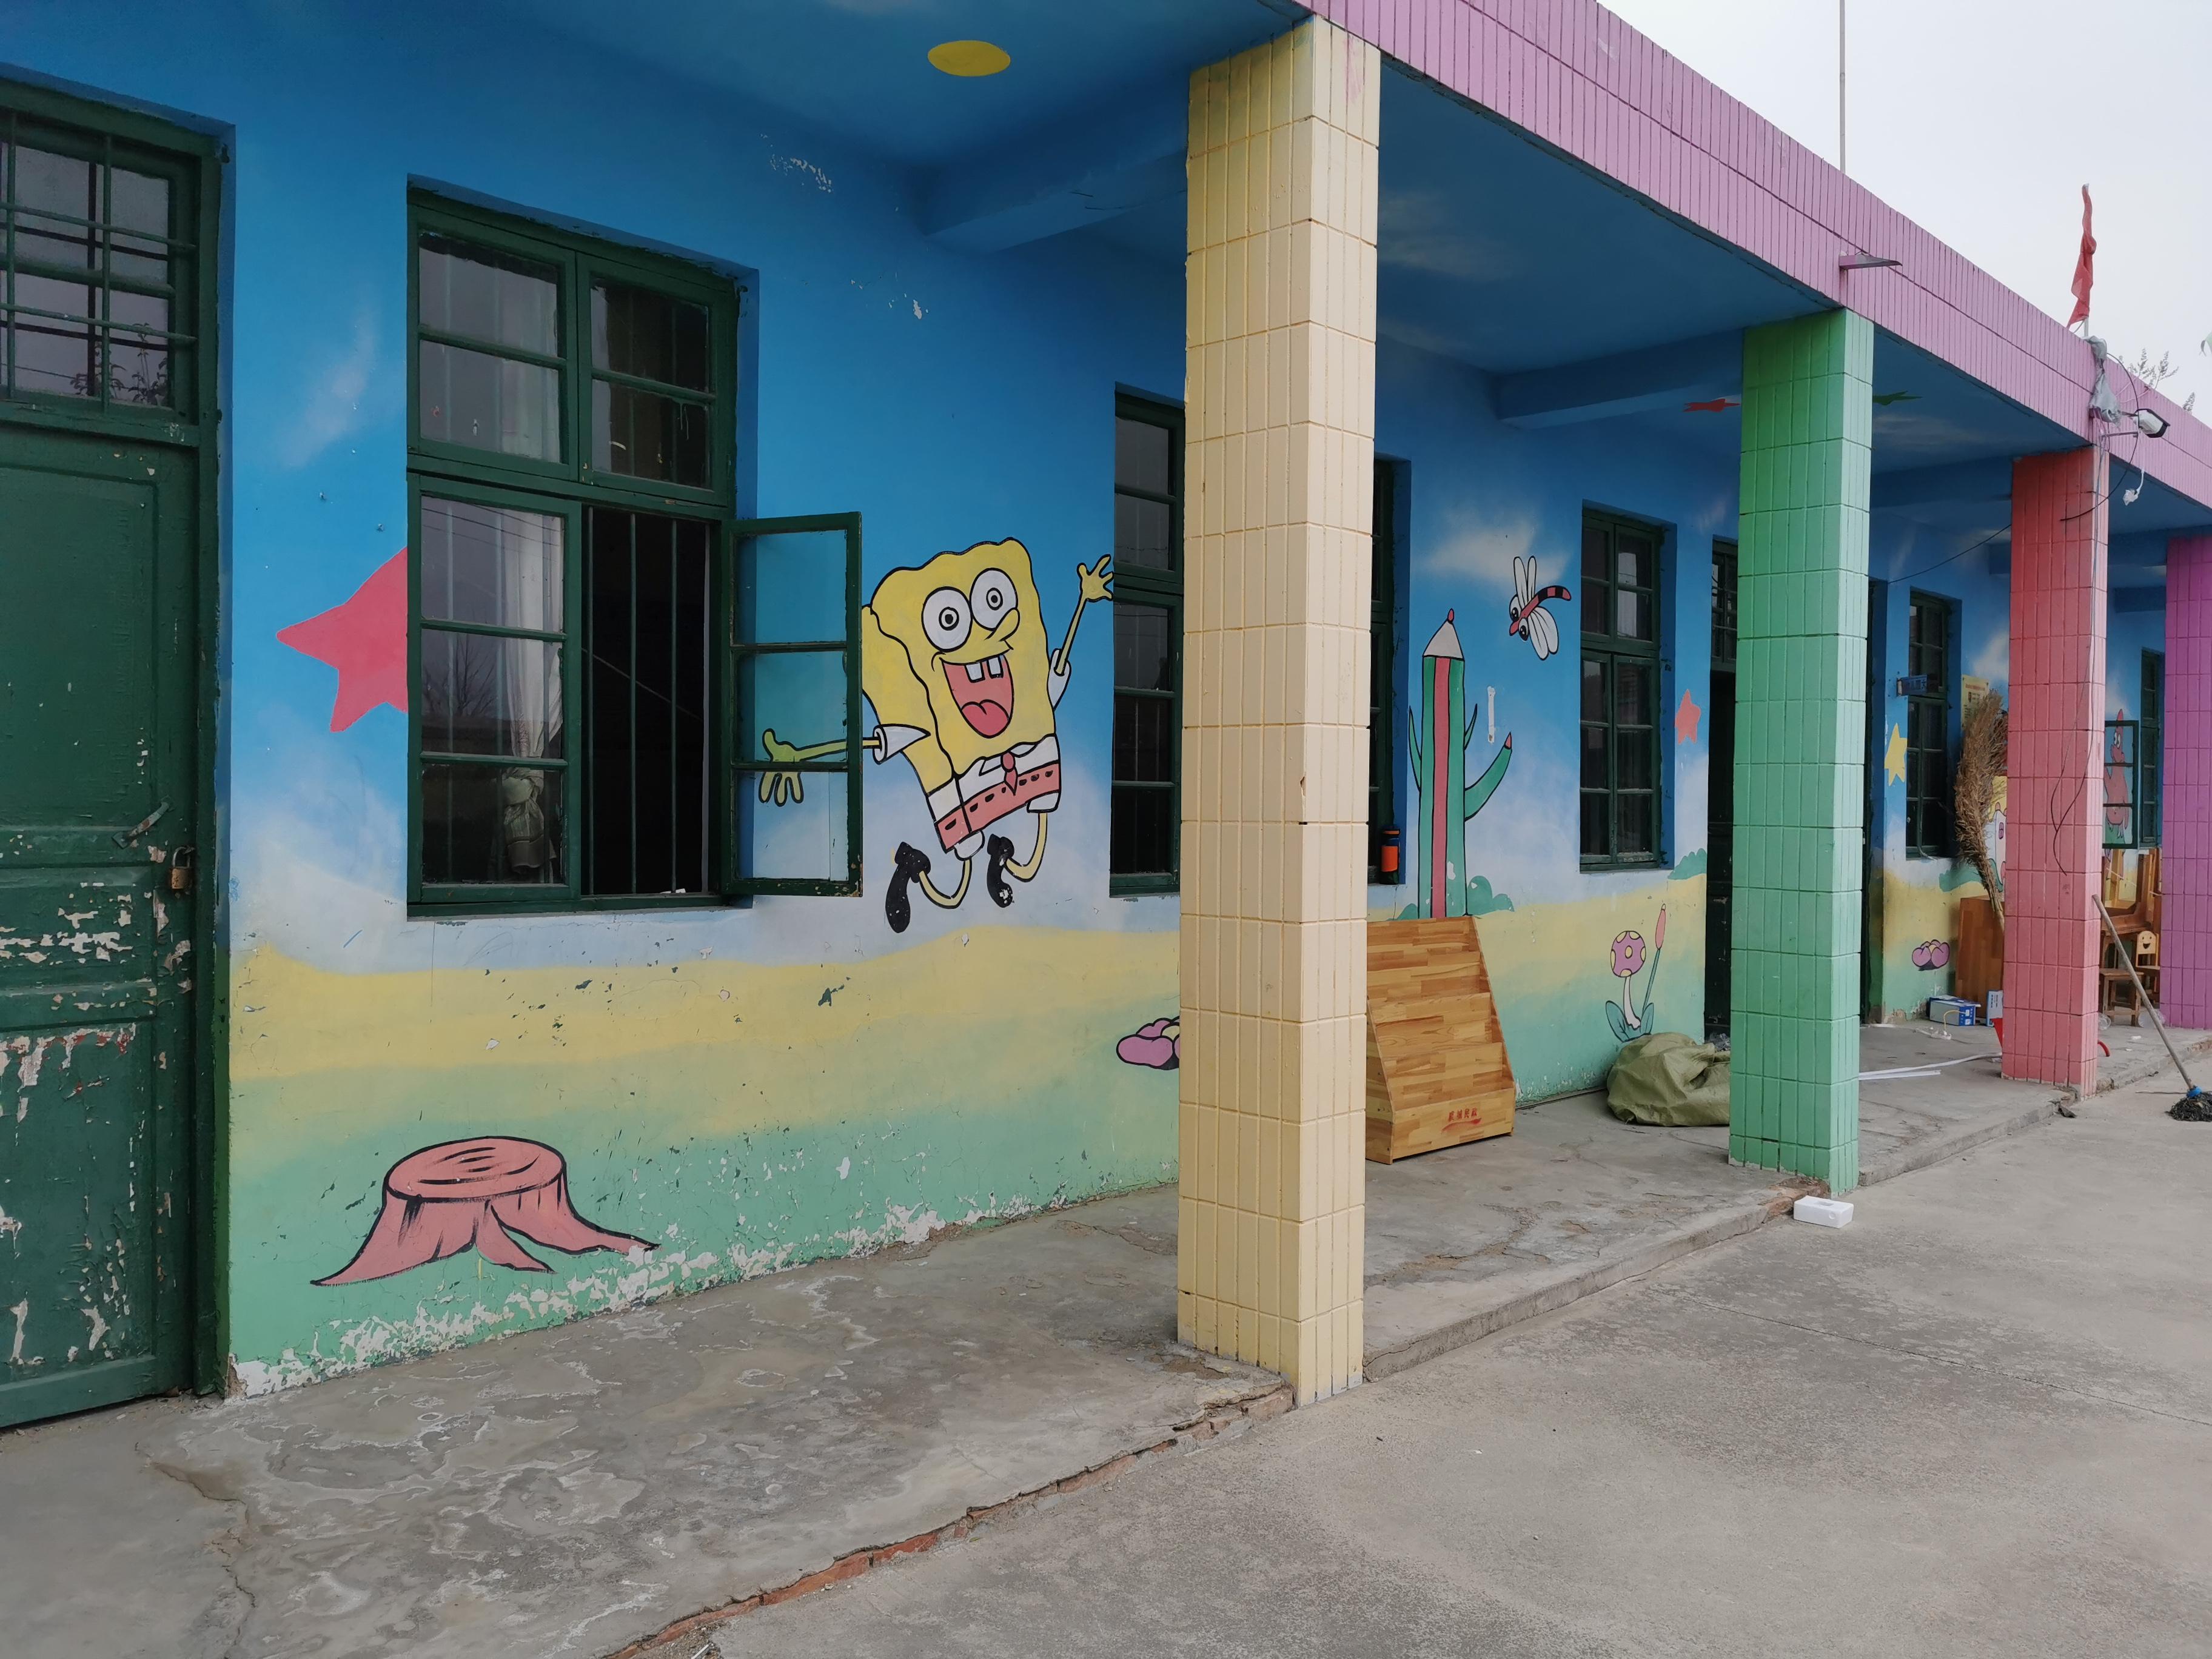 孙存良的办公室原址,现被改为幼儿园 。